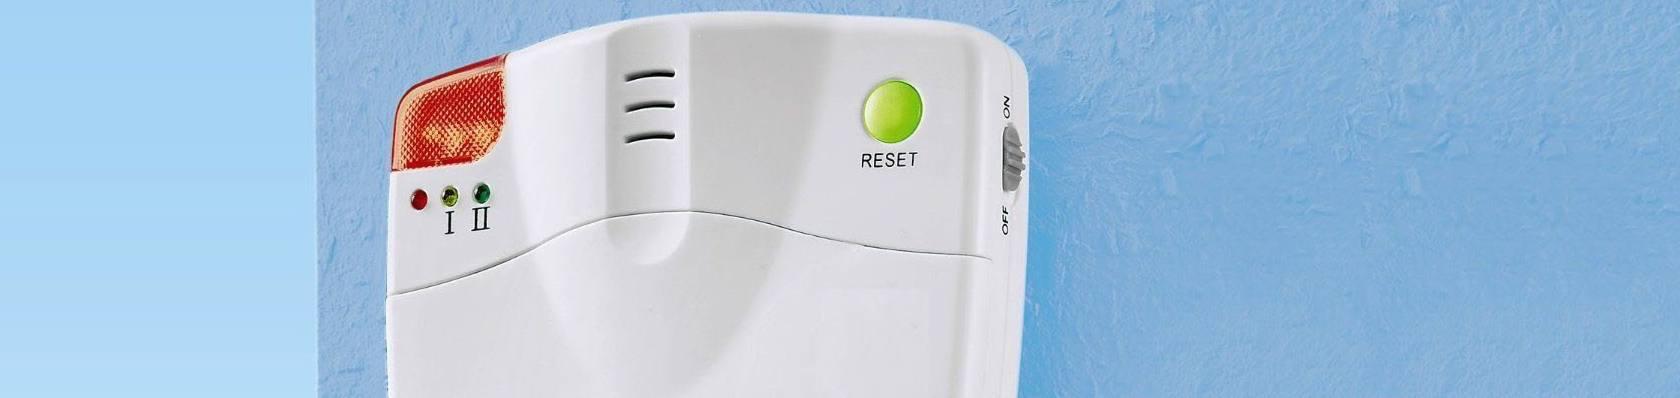 Notrufarmbänder im Test auf ExpertenTesten.de